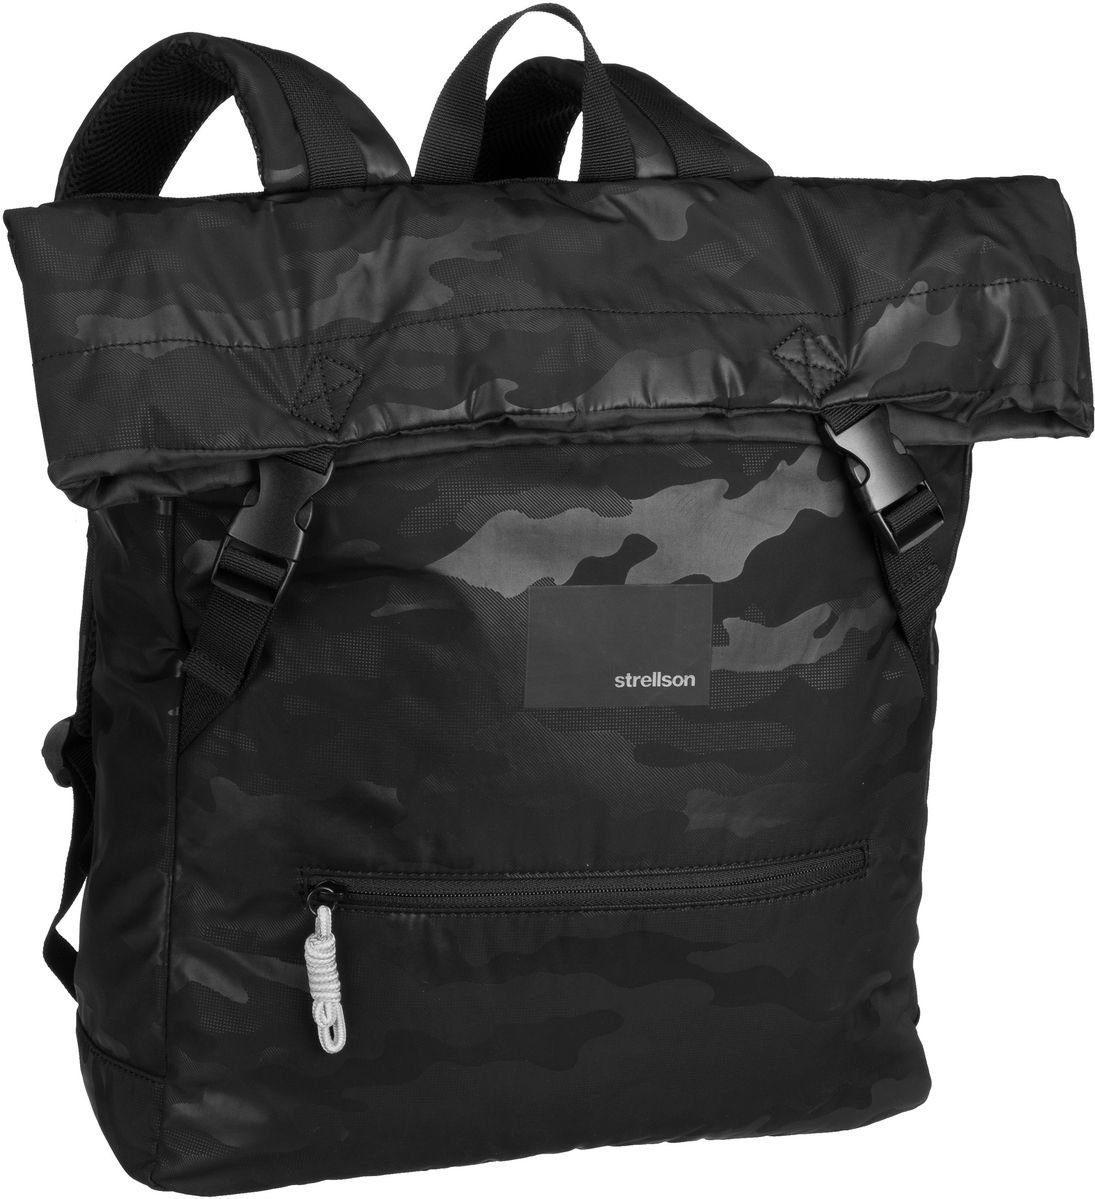 Strellson Rucksack / Daypack »Redbridge Backpack LVF«